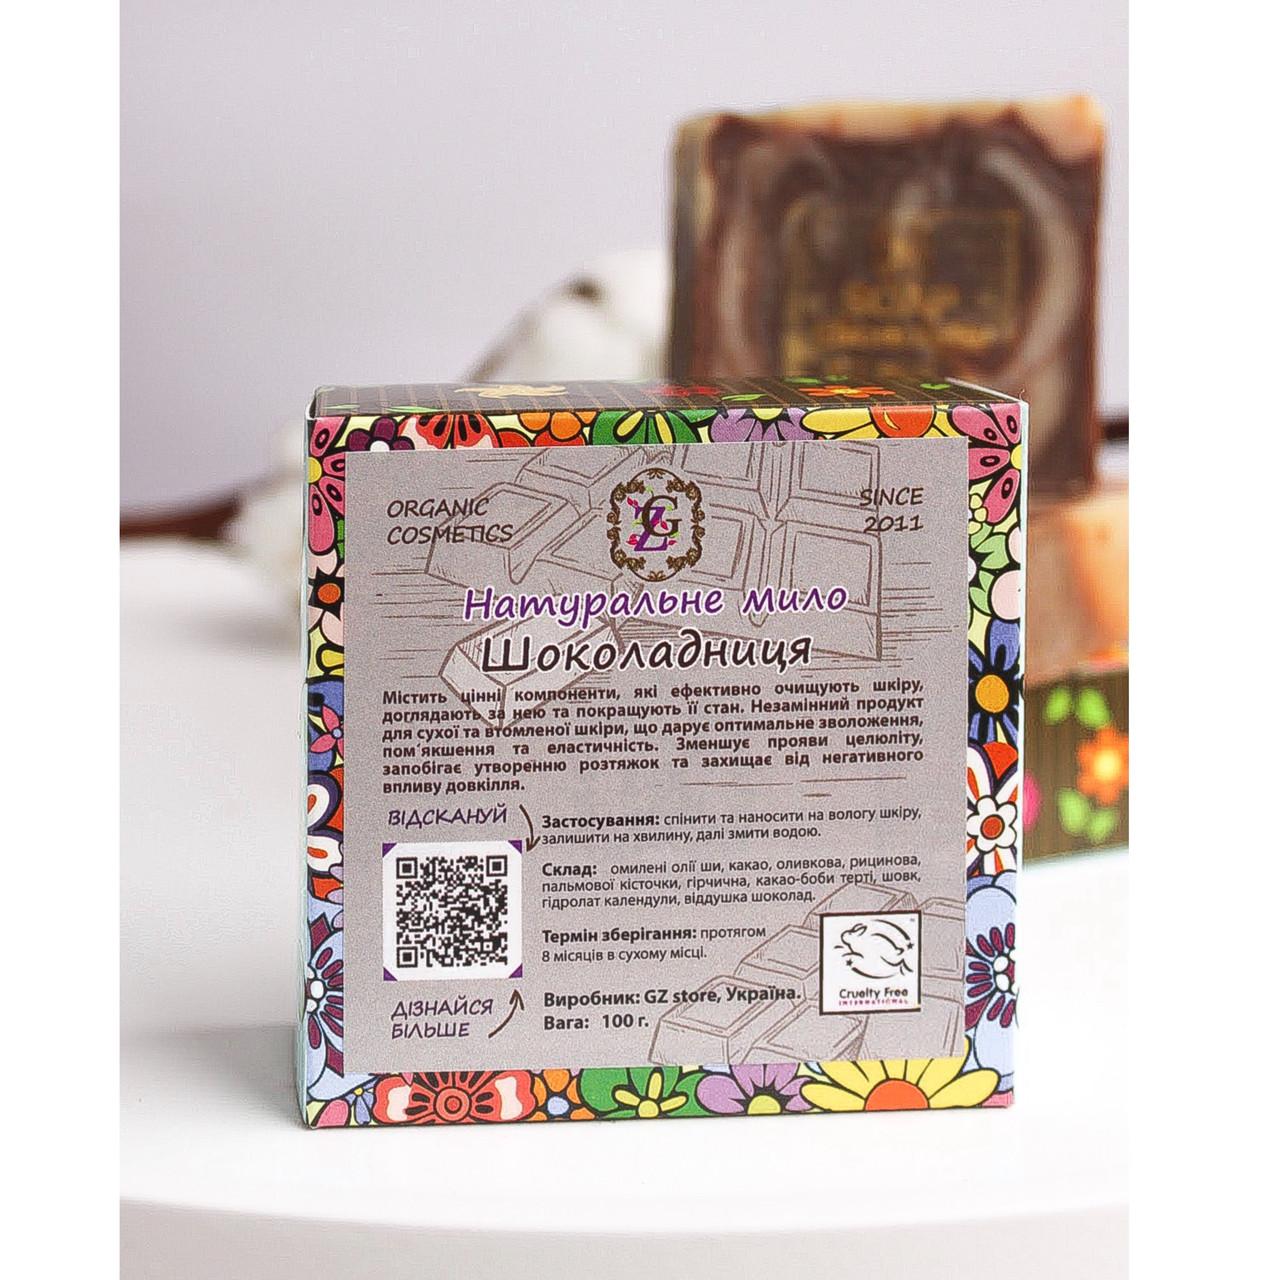 Мило з Какао-маслом від лущення загоює, Шоколадниця GZ 500 г(5 шт, сімейна упаковка) - ручна робота!